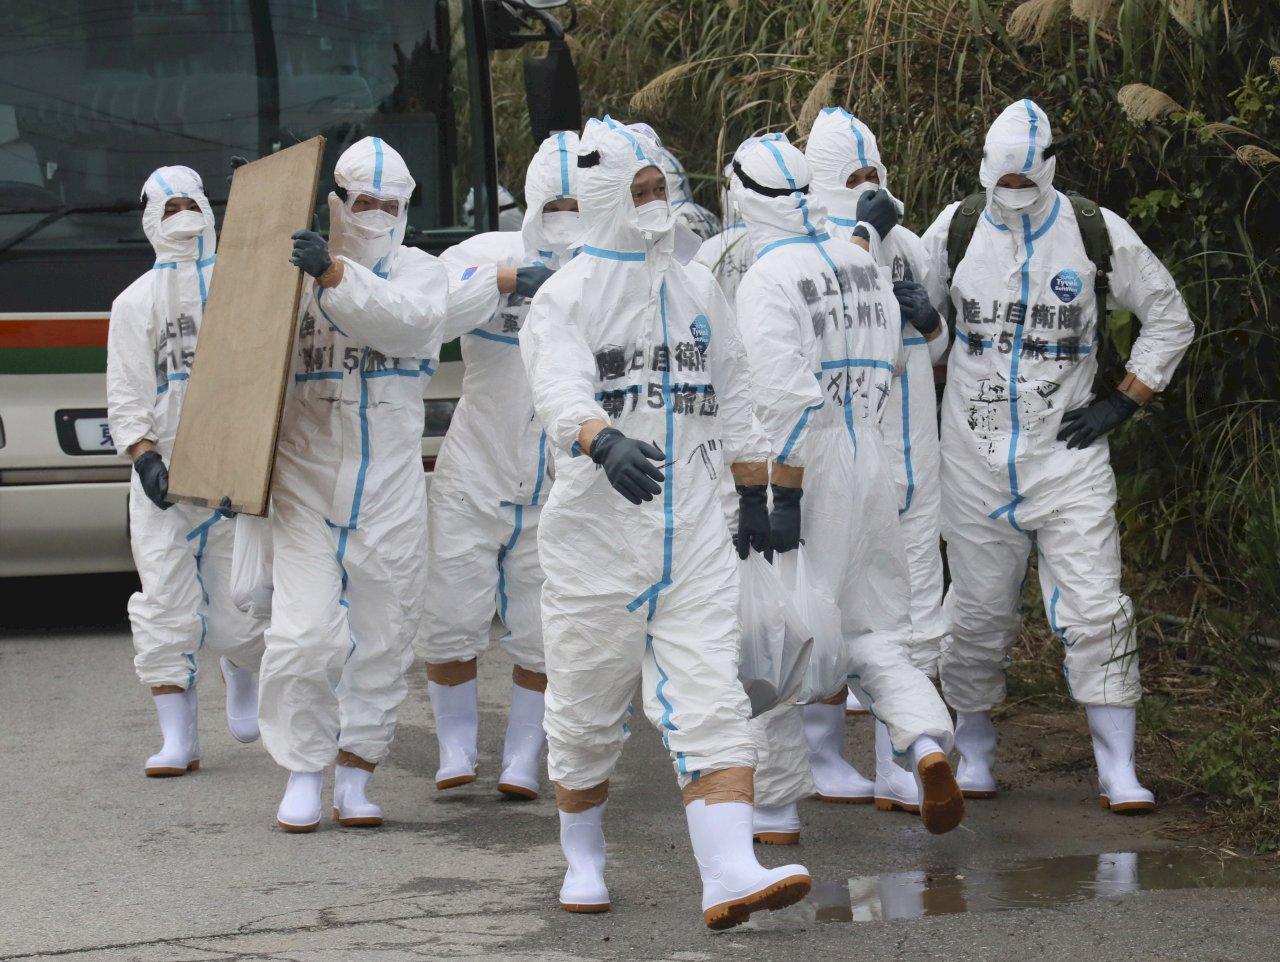 沖繩豬瘟疫情蔓延 將再撲殺2809豬隻